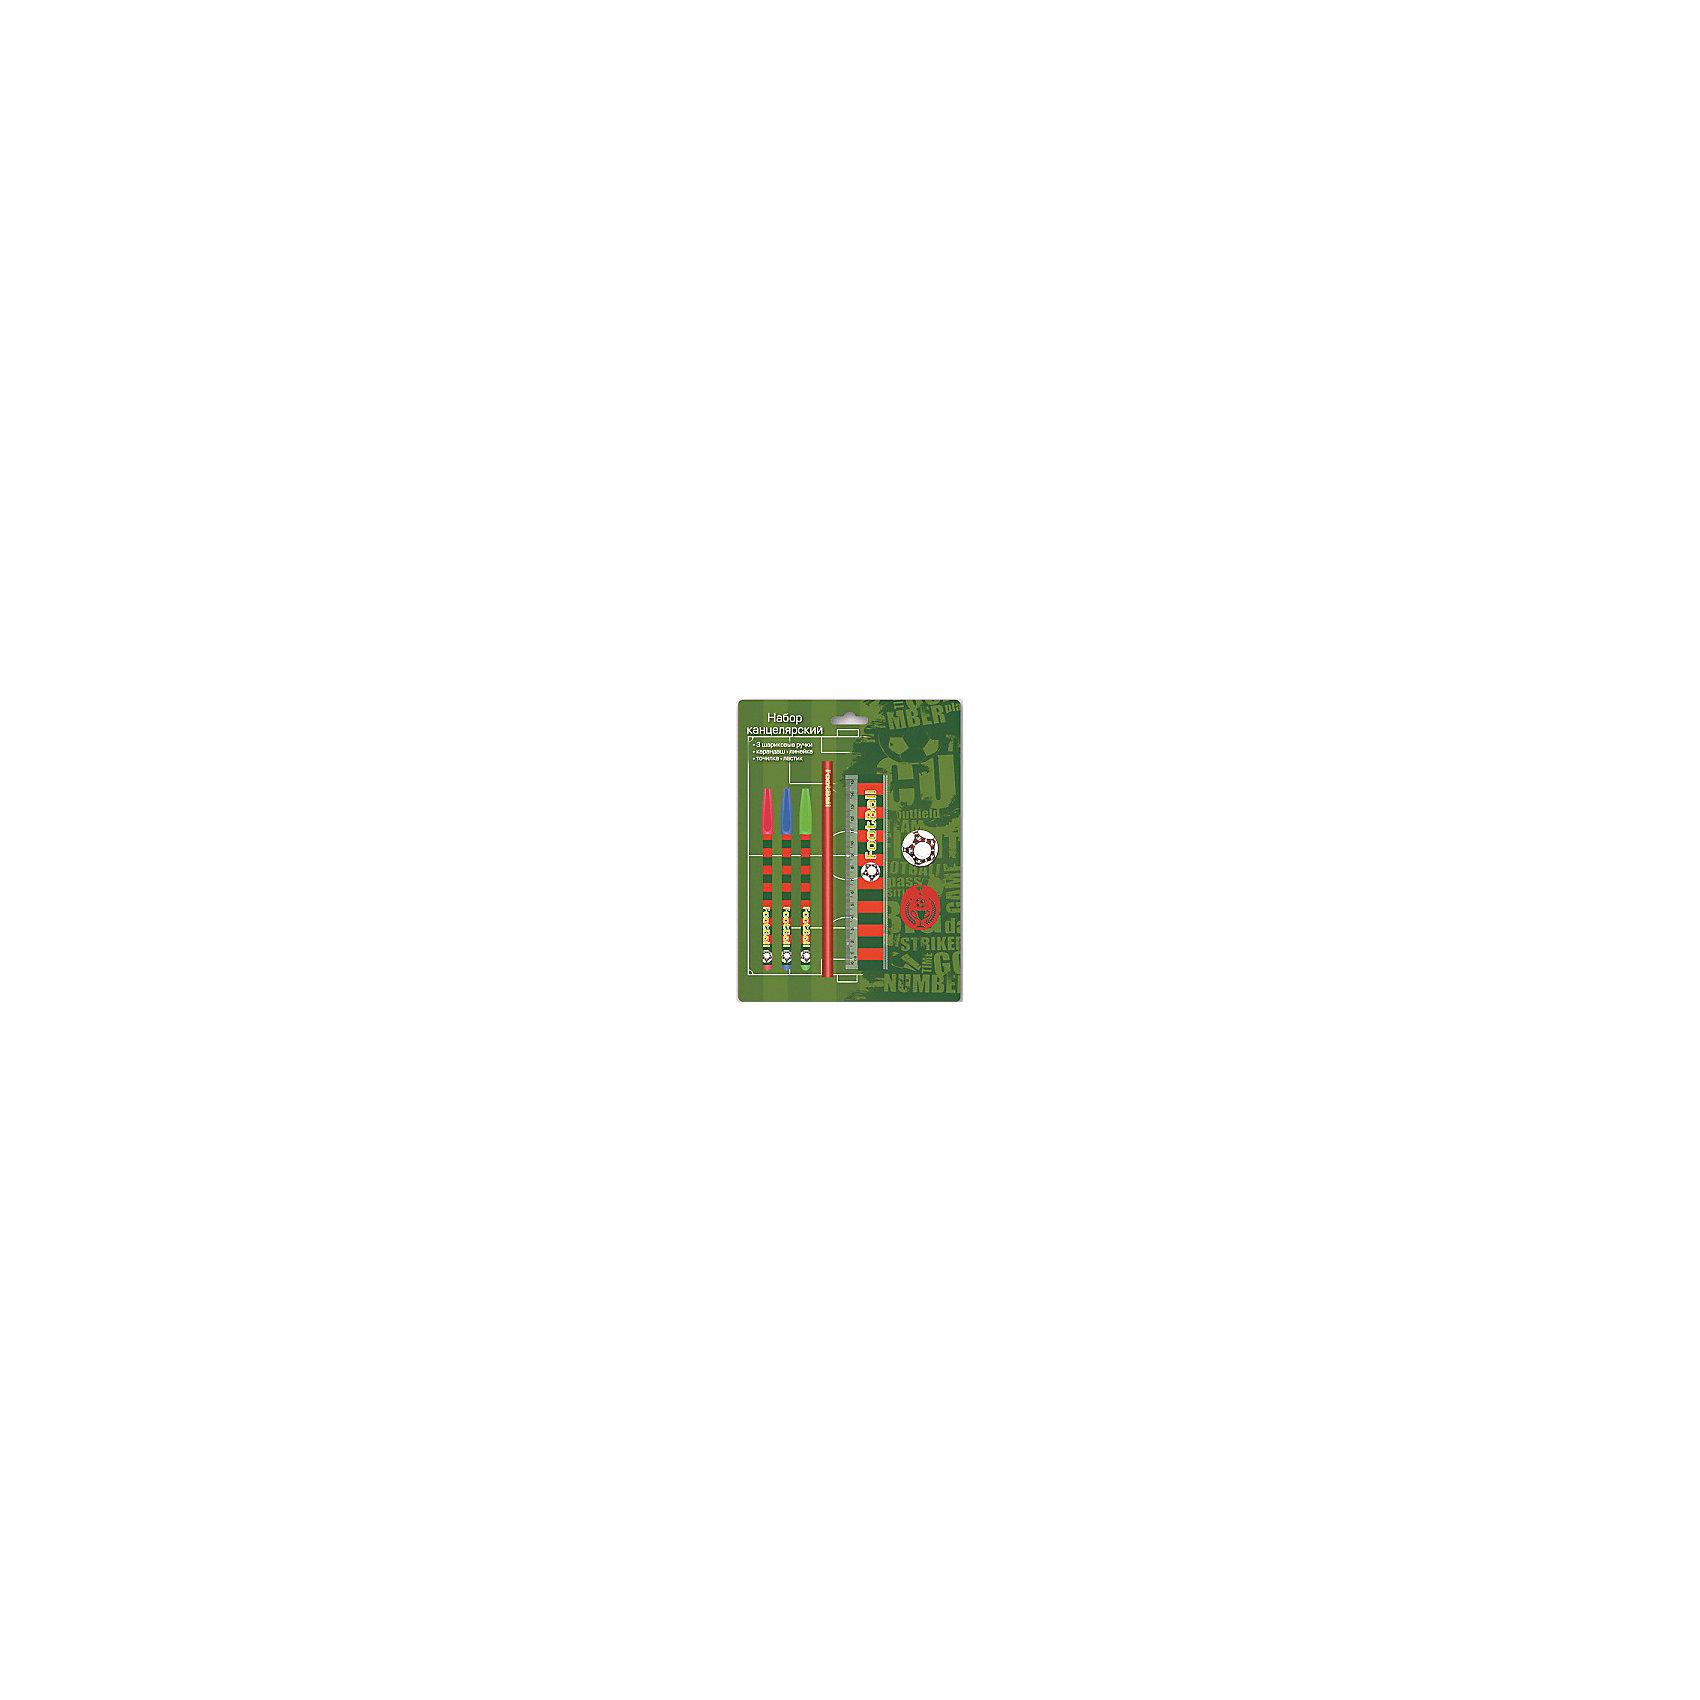 Канцелярский набор Футбол, 7 предметовЯркие канцелярские принадлежности сделают школьные занятия веселее и поднимут ребенку настроение. В состав канцелярского набора Футбол входят три разноцветные шариковые ручки (красная, зеленая, синяя), 1 ластик диаметром 35мм, 1 точилка для карандашей диаметром 35мм, 1 пластиковая линейка длиной 15 см, 1 круглый заточенный чернографитный карандаш в древесной оболочке твердости HB.<br>Все предметы выполнены в одном стиле, который оценят мальчишки. Сделаны из качественных и безопасных для ребенка материалов. Упаковка - блистер.<br><br>Дополнительная информация:<br><br>цвет: разноцветный;<br>материал: пластик, дерево.<br><br>Комплектация: <br>3 ручки,<br>1 ластик, <br>1 точилка, <br>1 линейка,<br>1 карандаш.<br><br>Канцелярский набор Футбол, 7 предметов можно купить в нашем магазине.<br><br>Ширина мм: 245<br>Глубина мм: 180<br>Высота мм: 20<br>Вес г: 75<br>Возраст от месяцев: 72<br>Возраст до месяцев: 144<br>Пол: Мужской<br>Возраст: Детский<br>SKU: 4746260